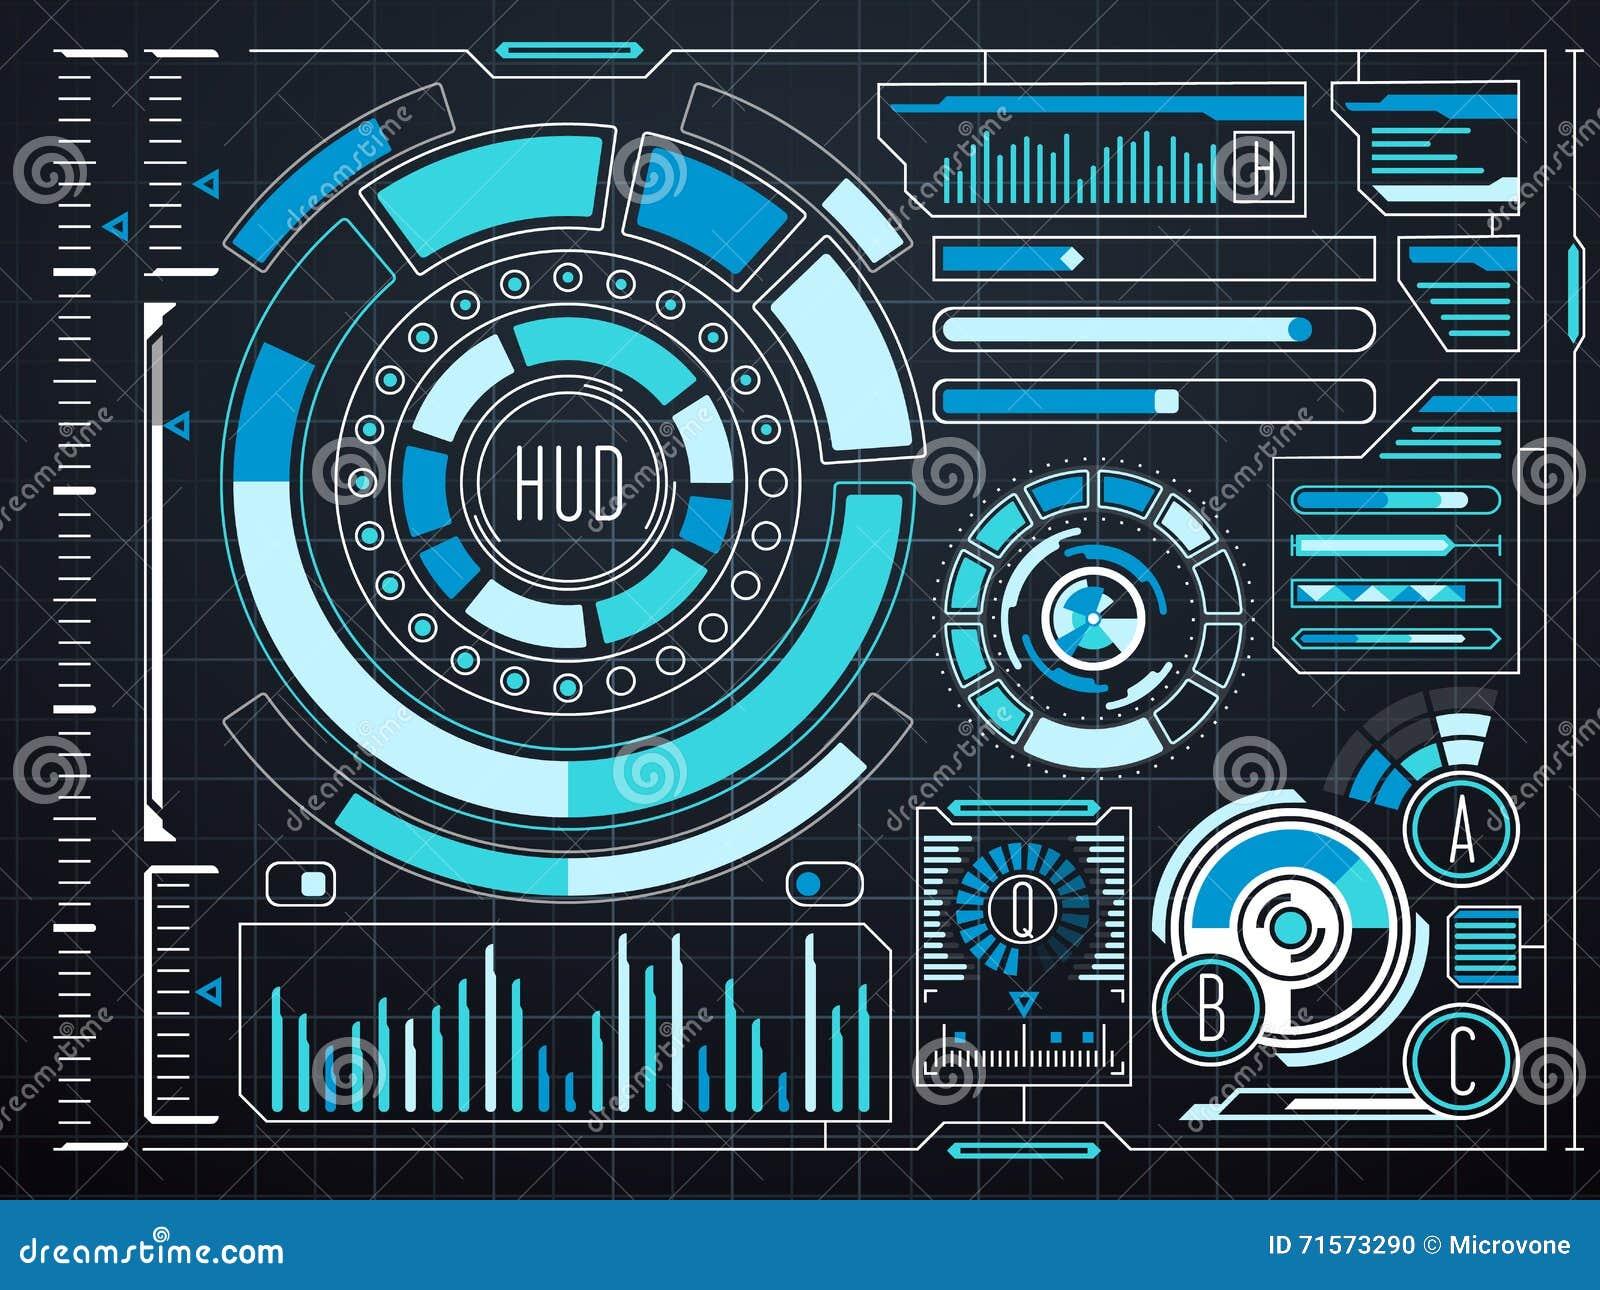 Noten-Benutzerschnittstelle HUD Der Sciencefiction Futuristische ...